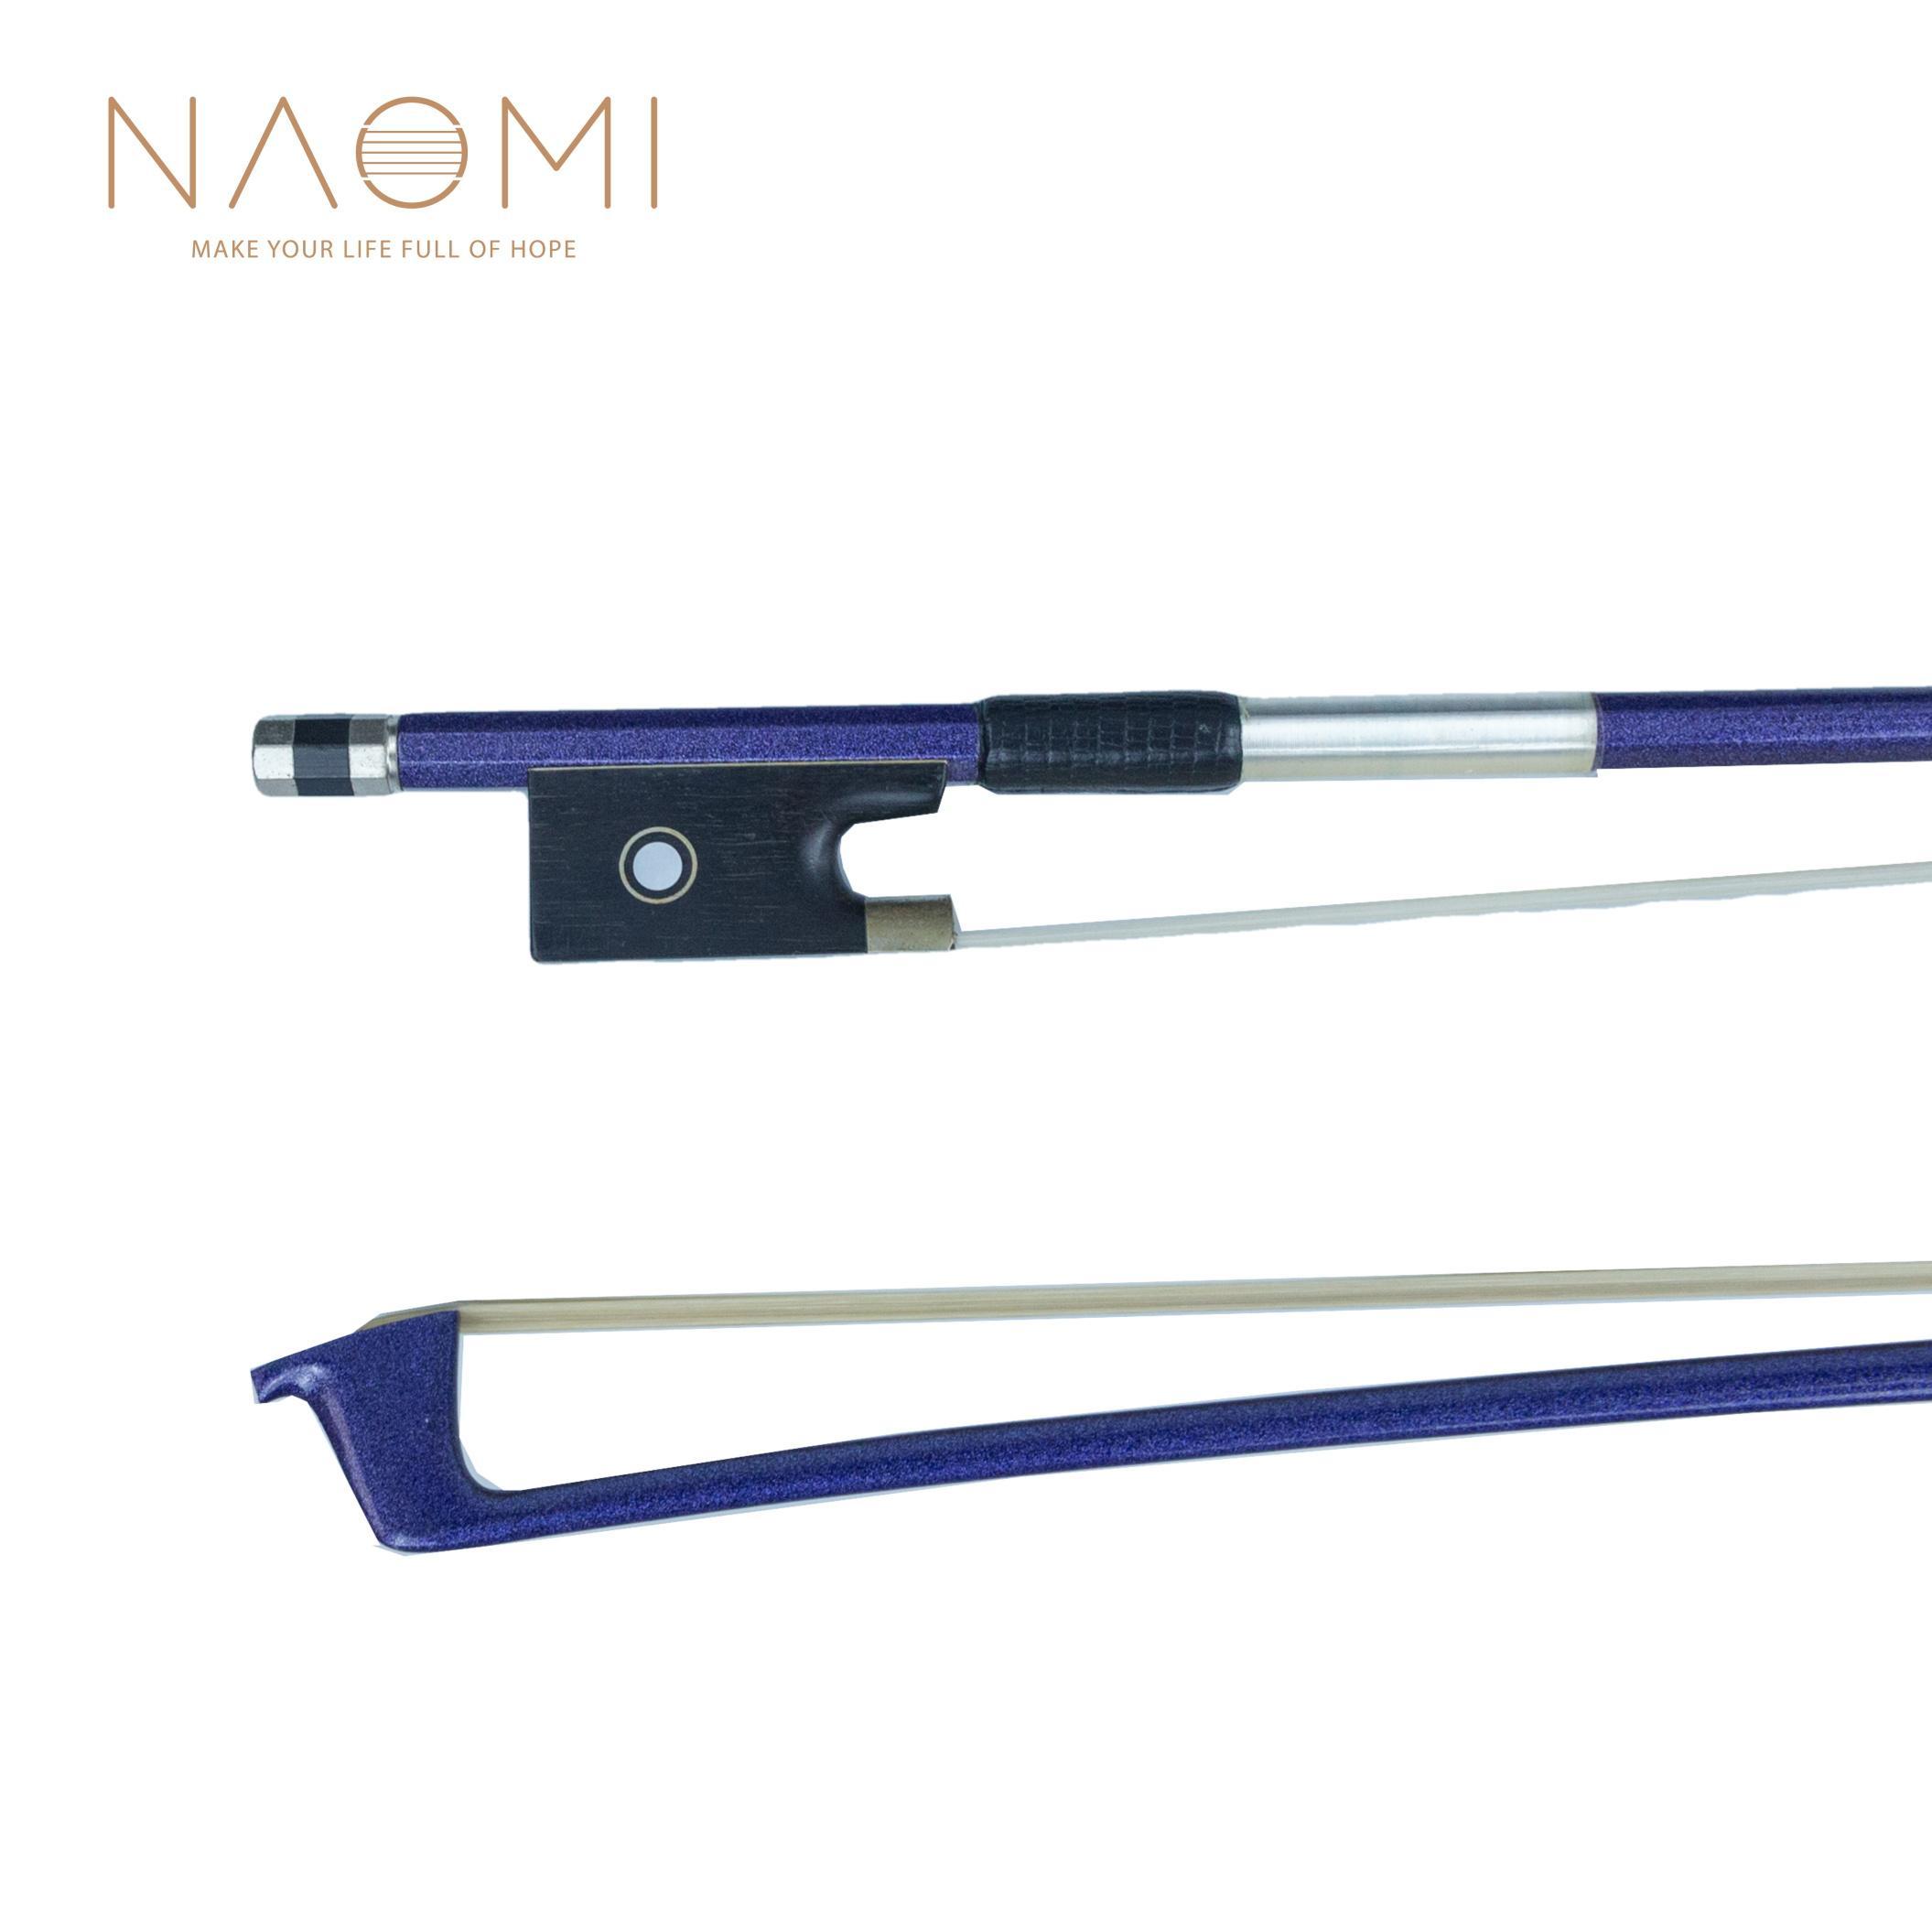 NAOMI 4/4 카본 파이버 바이올린 보우 4/4 바이올린 웰 밸런스 말 헤어 바이올린 보우 악세서리 - 블루